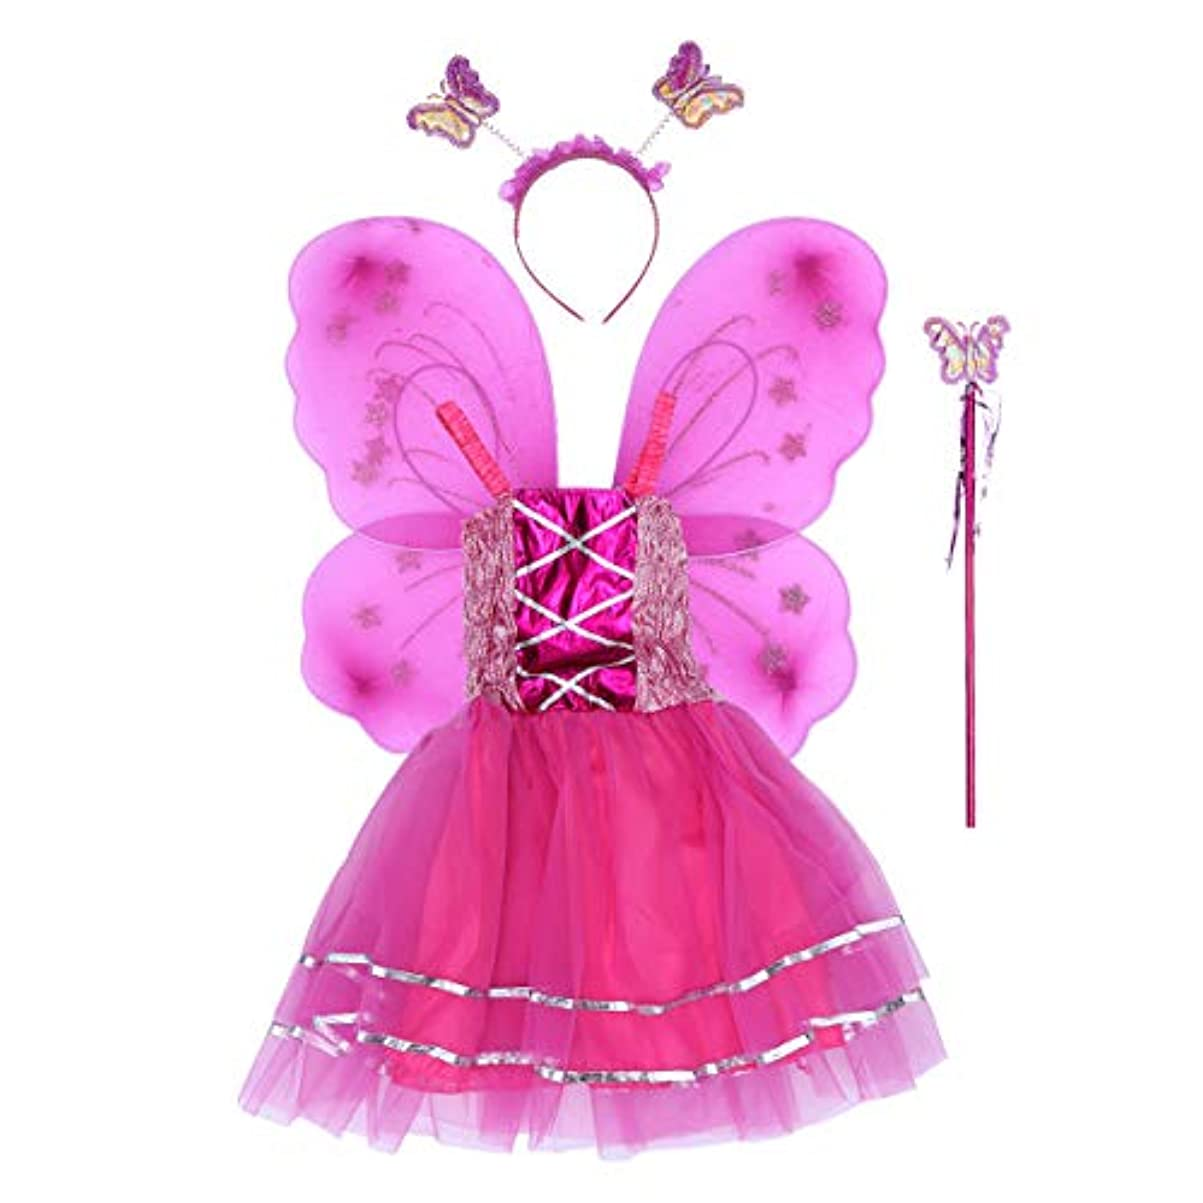 プレビスサイト思い出させるドールBESTOYARD 4個の女の子バタフライプリンセス妖精のコスチュームセットバタフライウィング、ワンド、ヘッドバンドとツツードレス(ロージー)